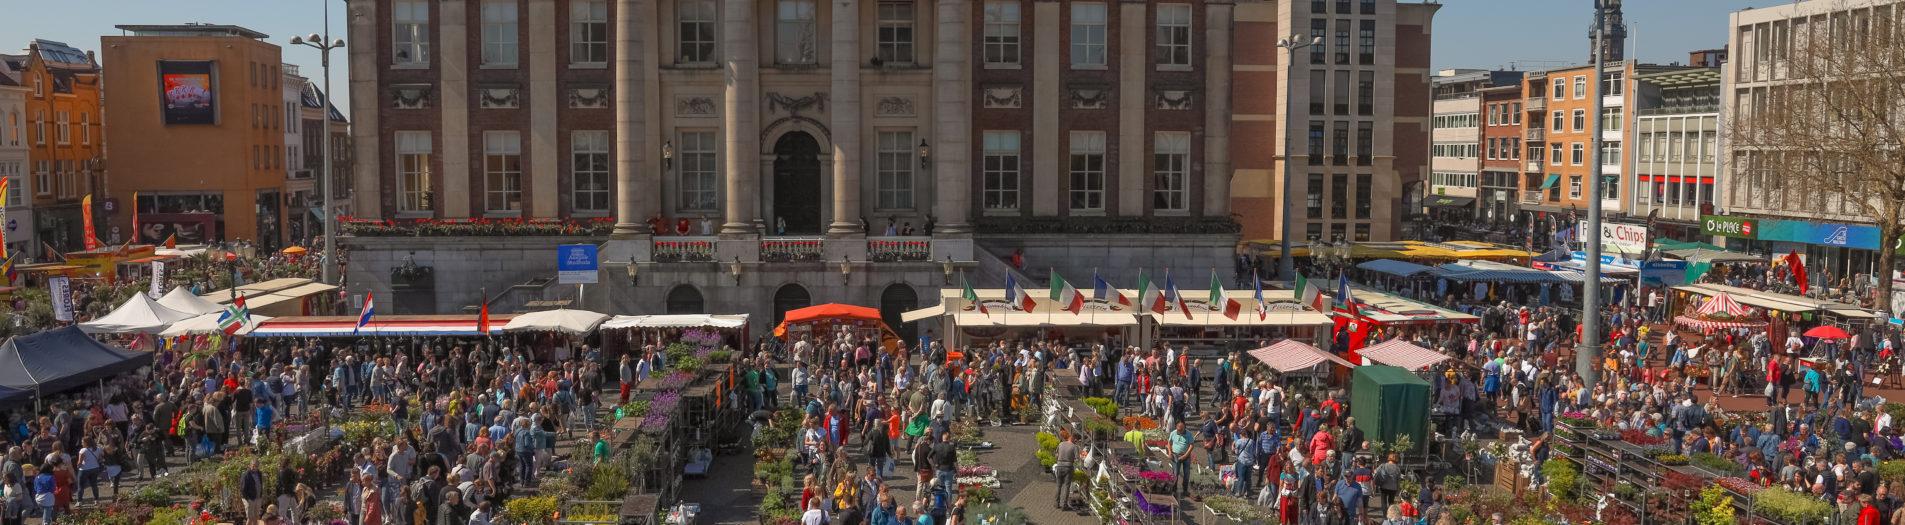 Bloemtjes Jaarmarkt Groningen (19-04-2019) by DillenvanderMolen #MrOfColorsPhotography #PortfolioOfColors